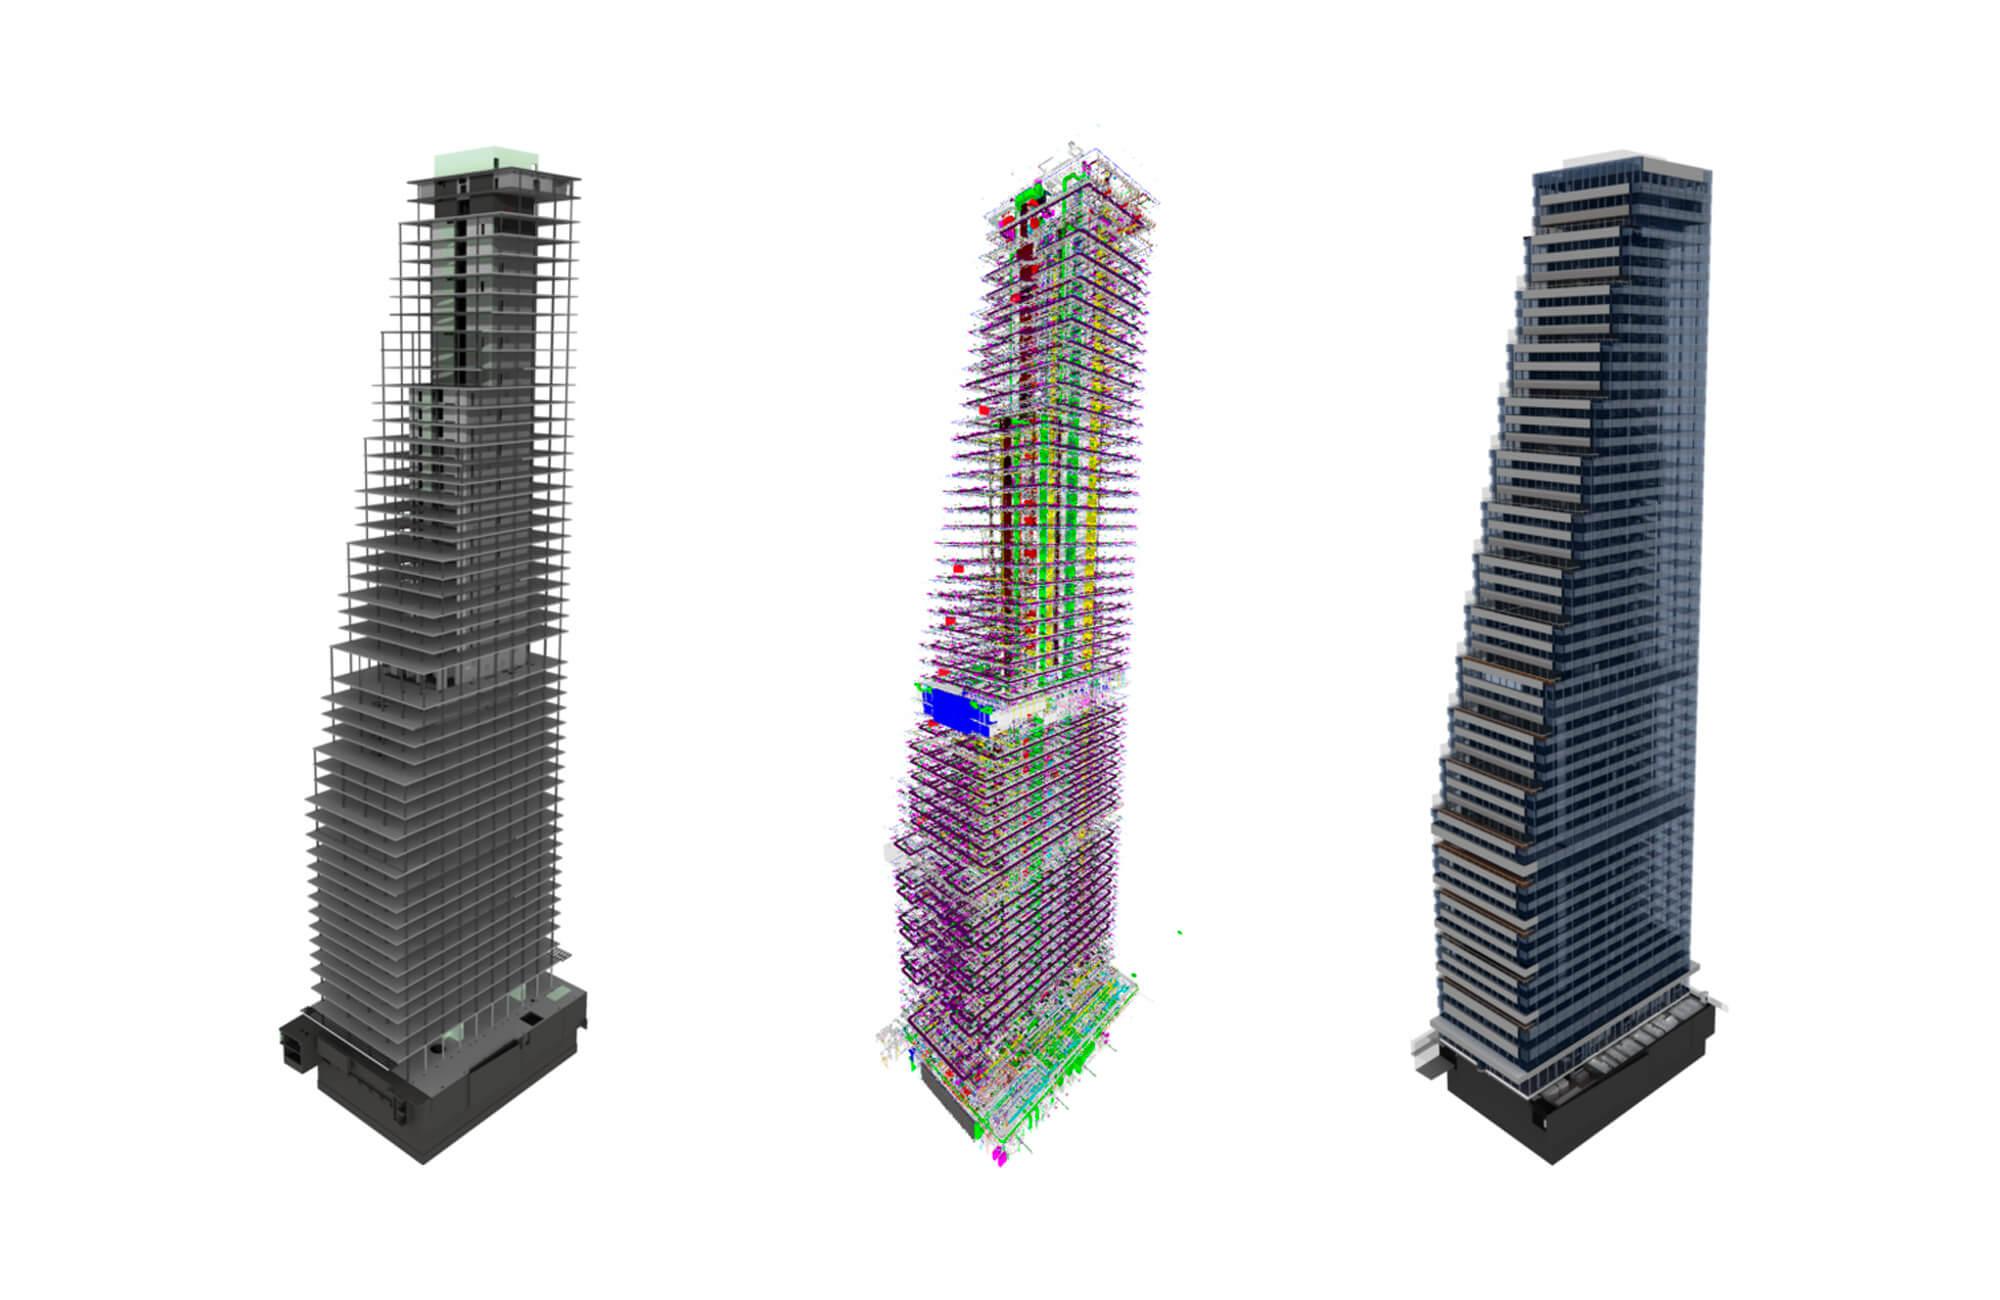 Ansichten der drei Teilmodelle des Roche Turms in Basel in 3D.